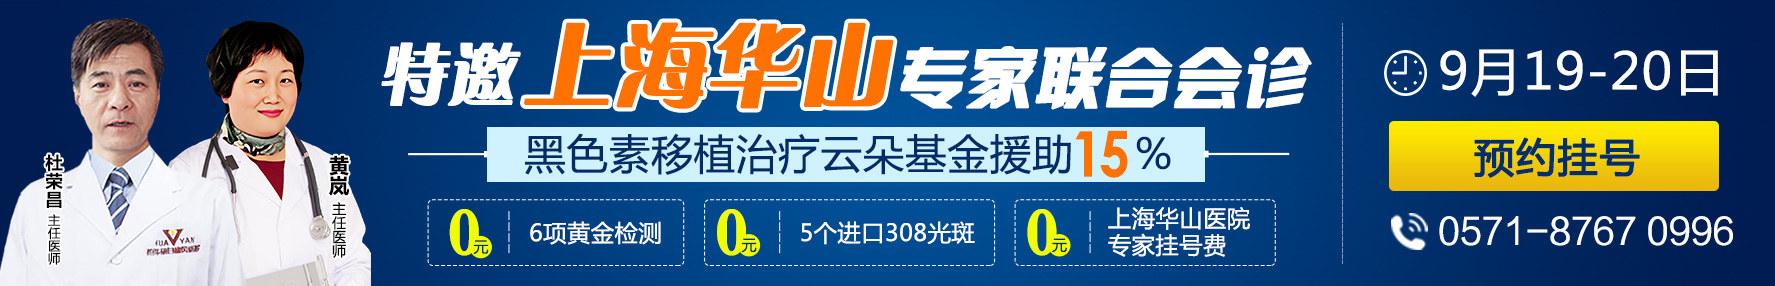 杭州华研白癜风病在线视频偷国产精品